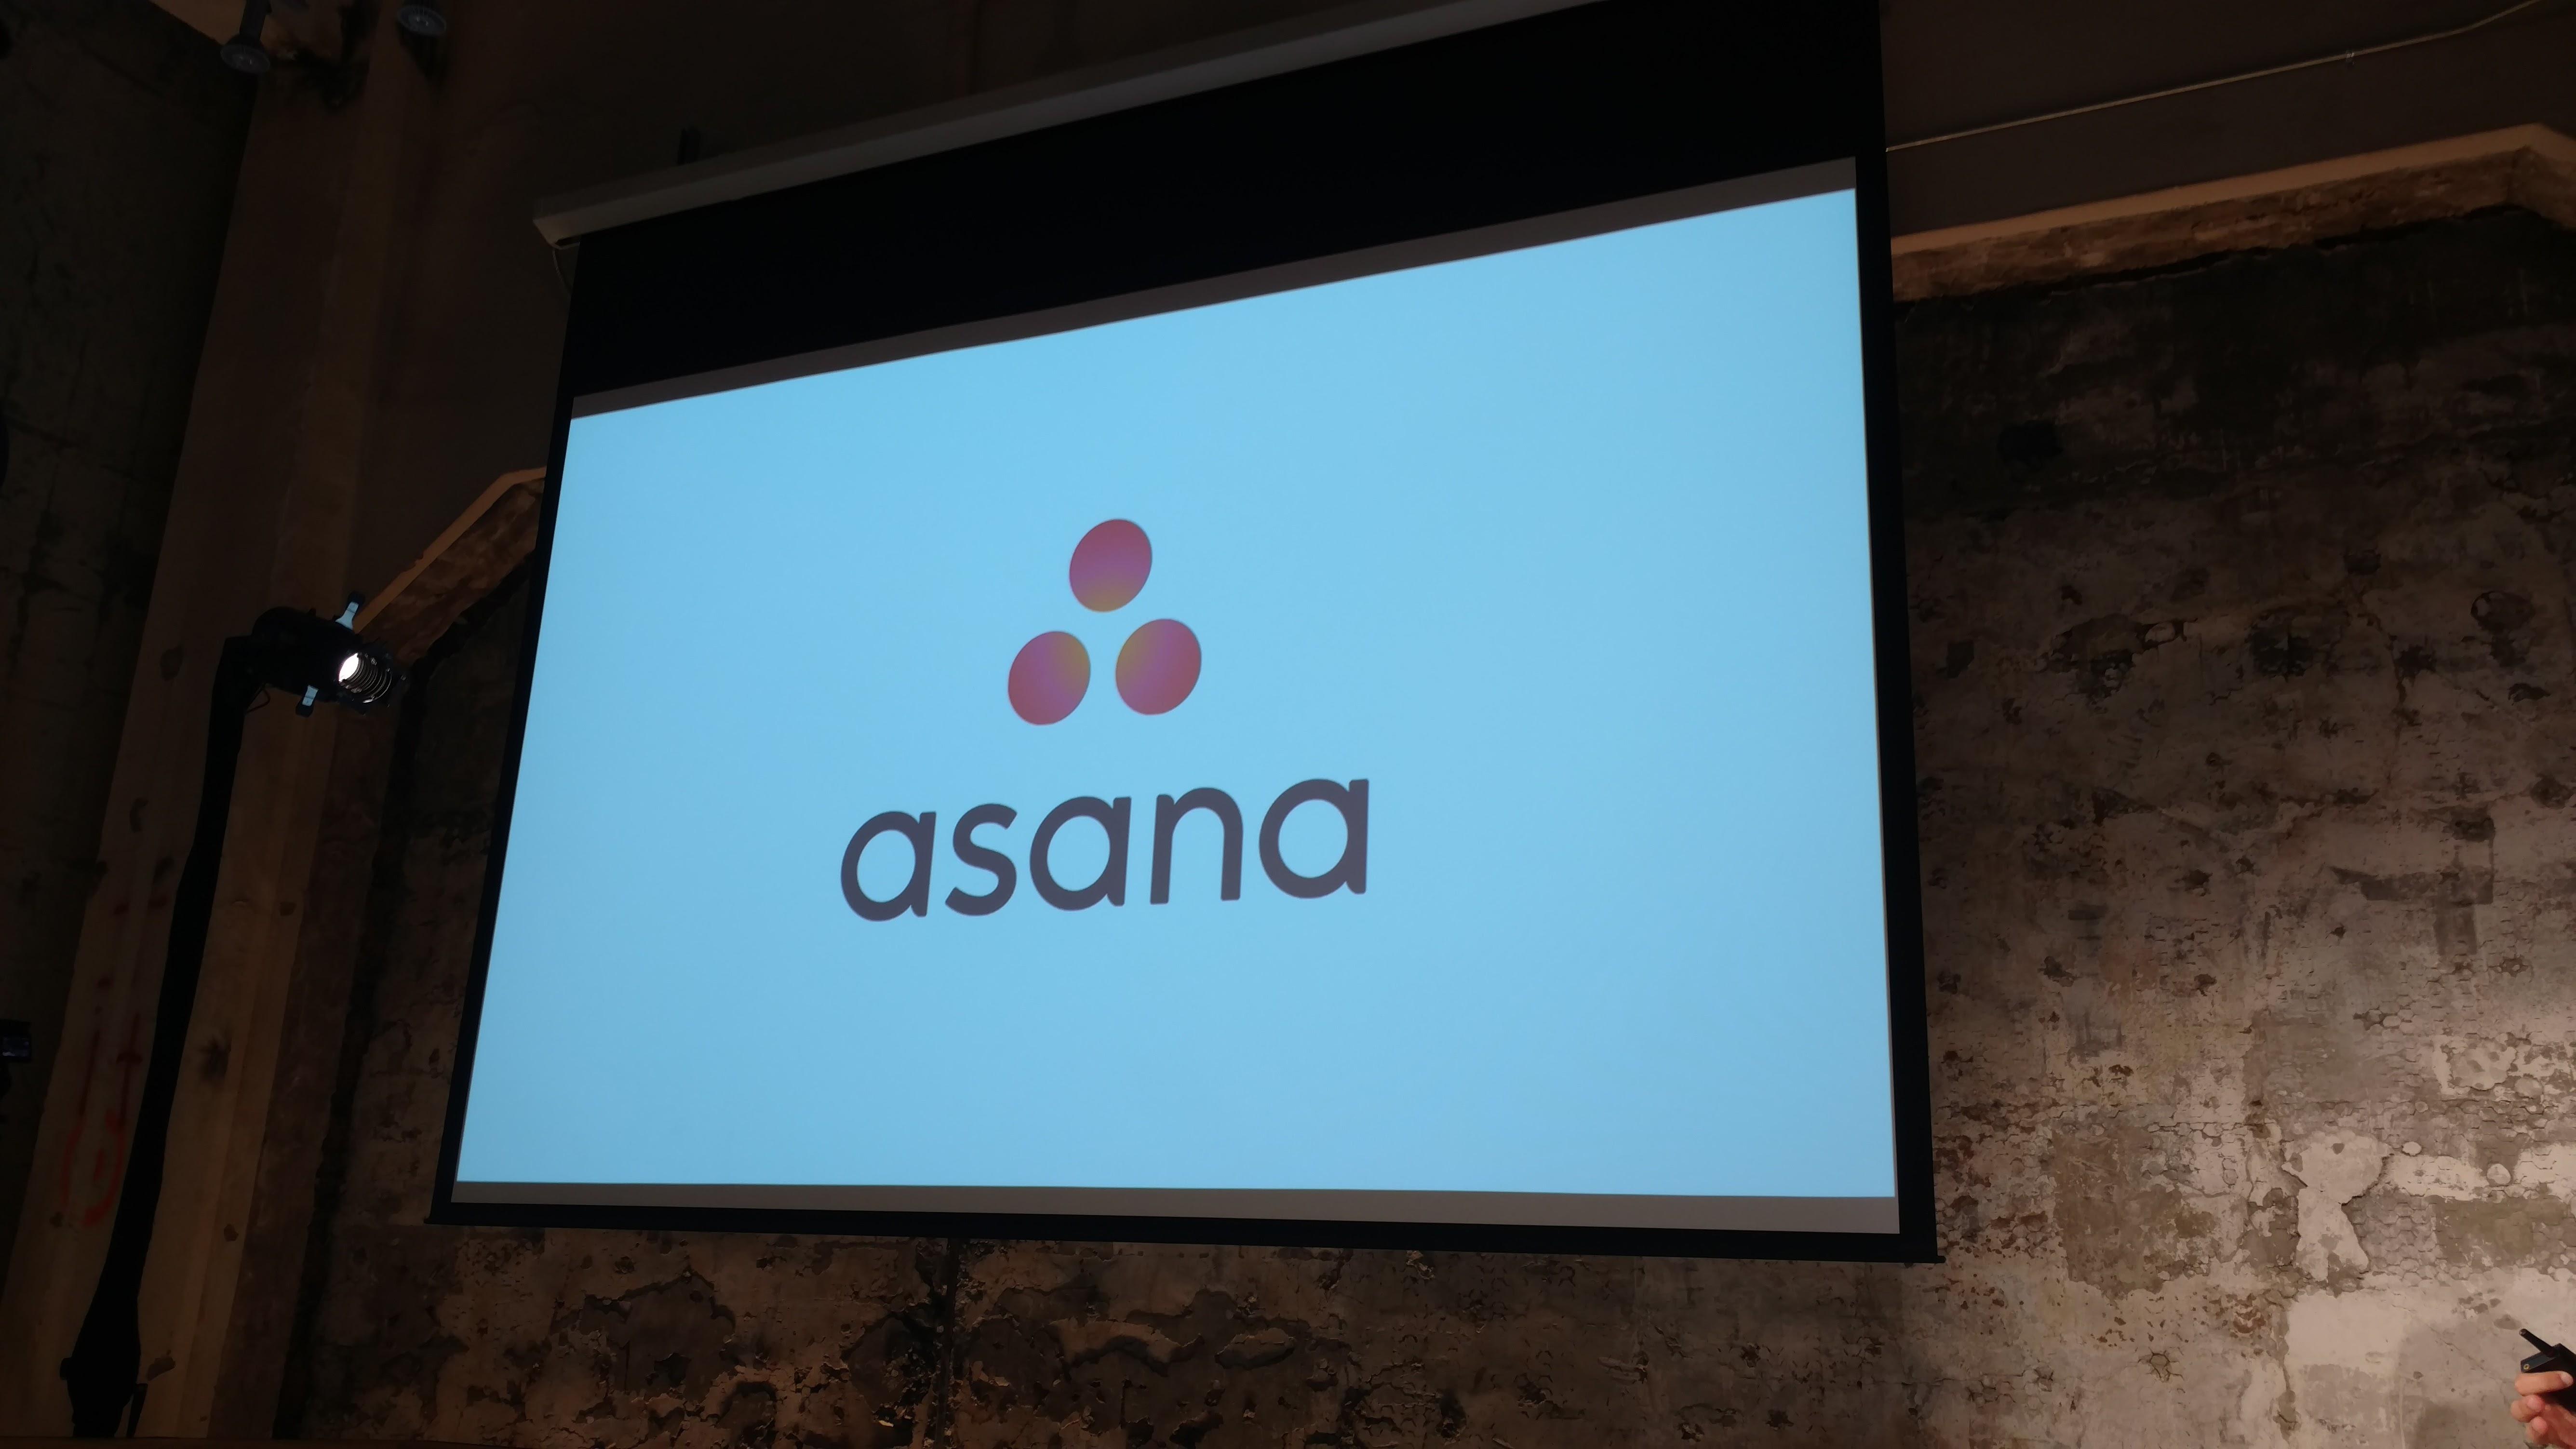 The new Asana logo.